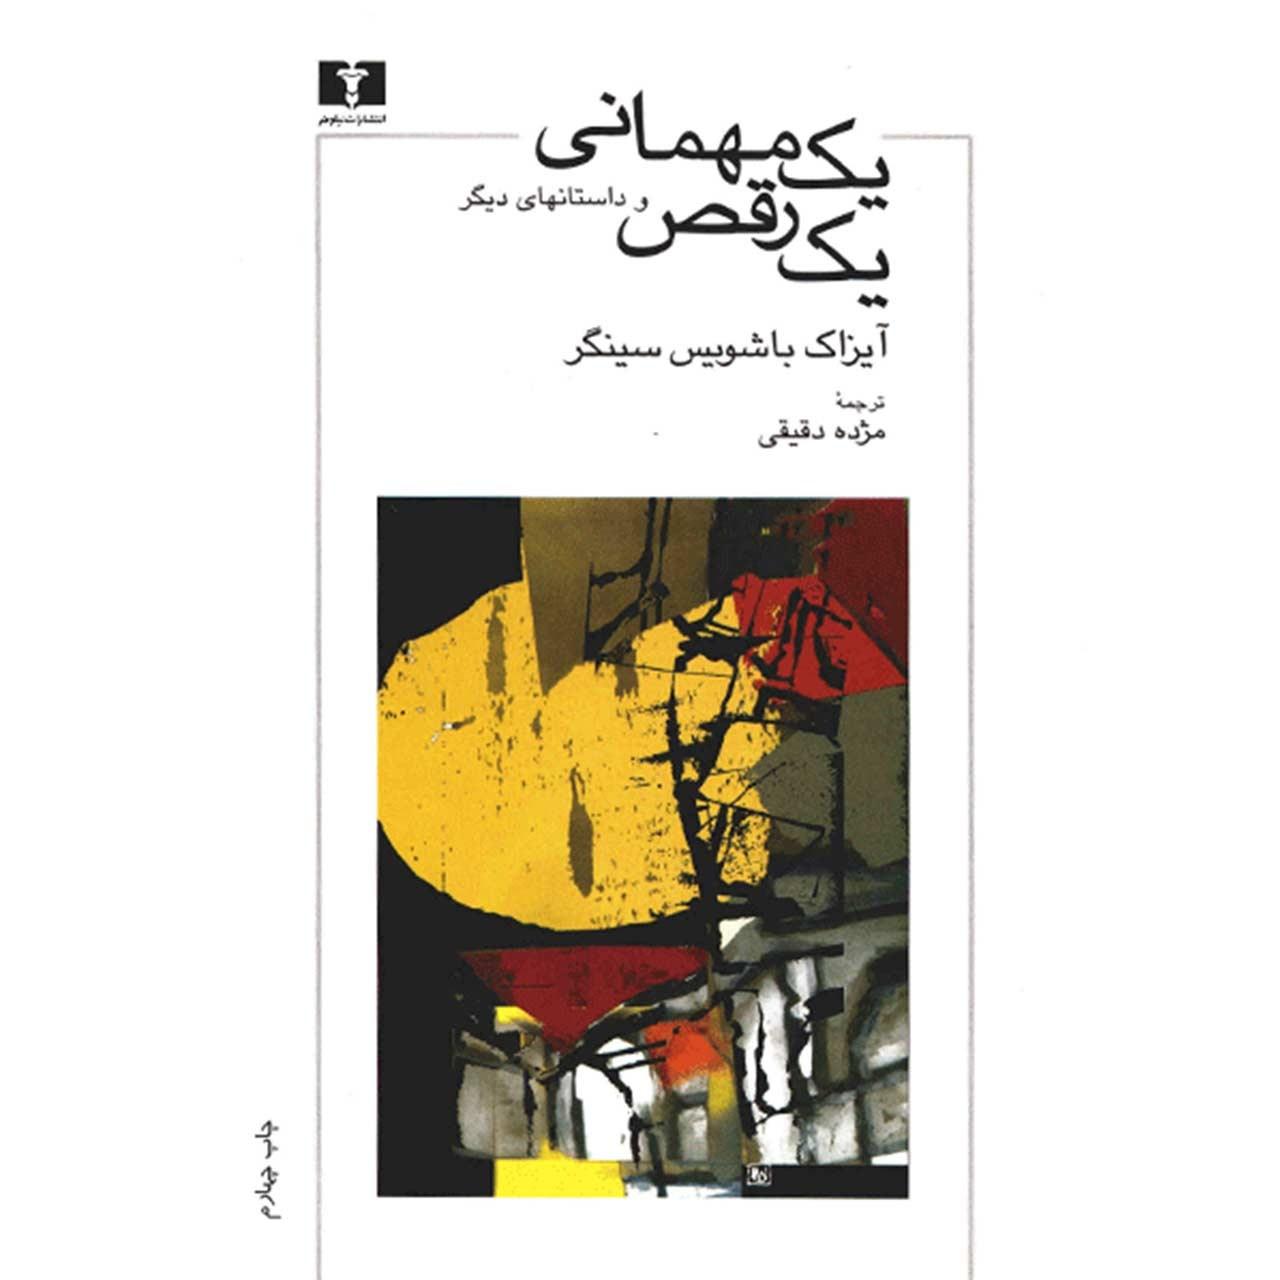 کتاب یک مهمانی یک رقص و داستانهای دیگر اثر آیزاک باشویس سینگر